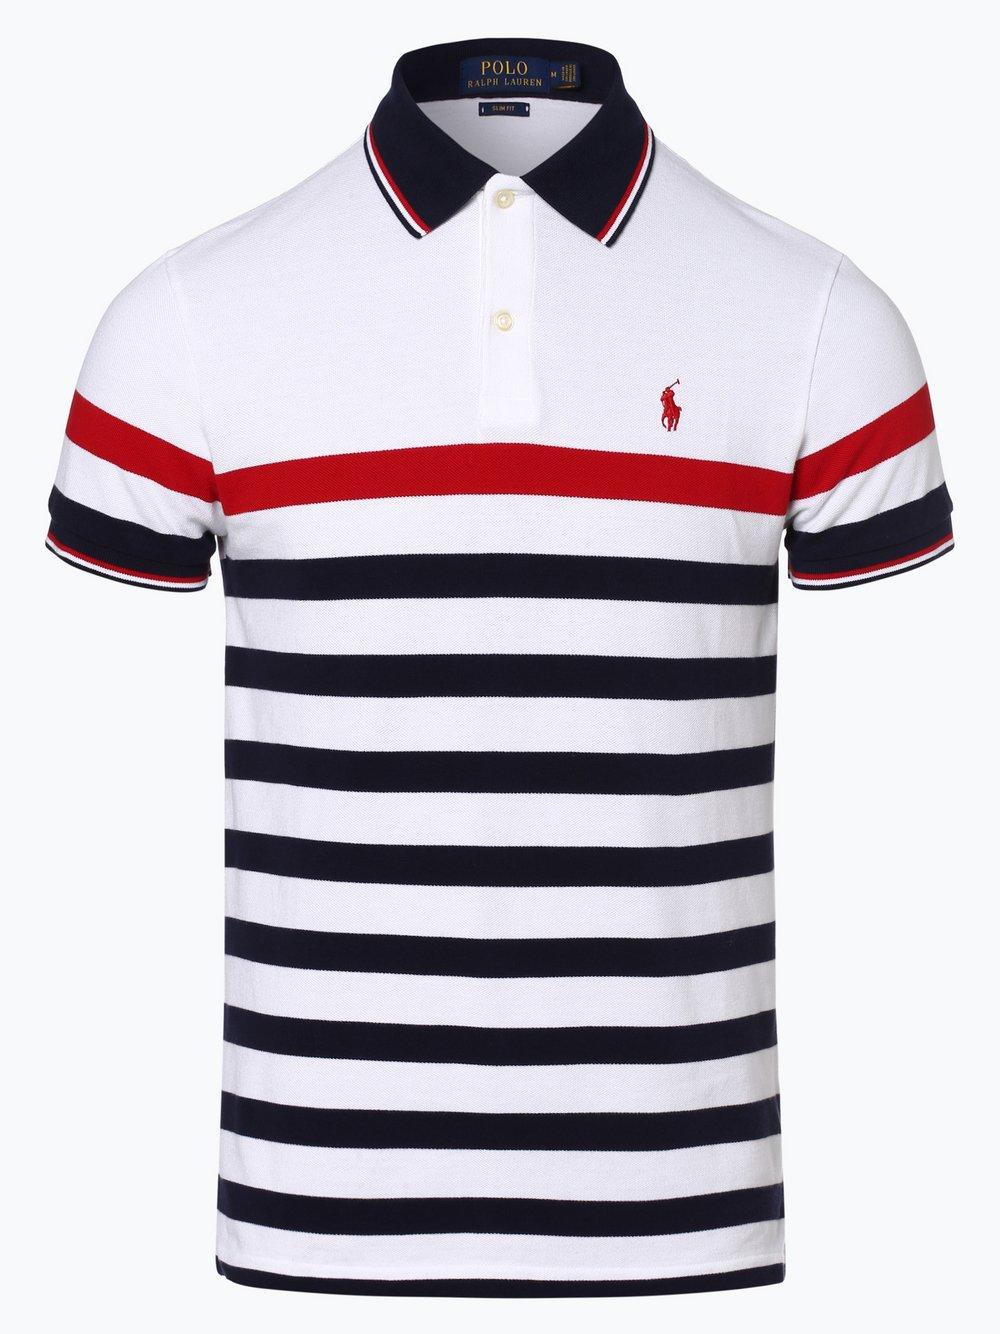 3990029dbaf651 Polo Ralph Lauren Herren Poloshirt - Slim Fit online kaufen